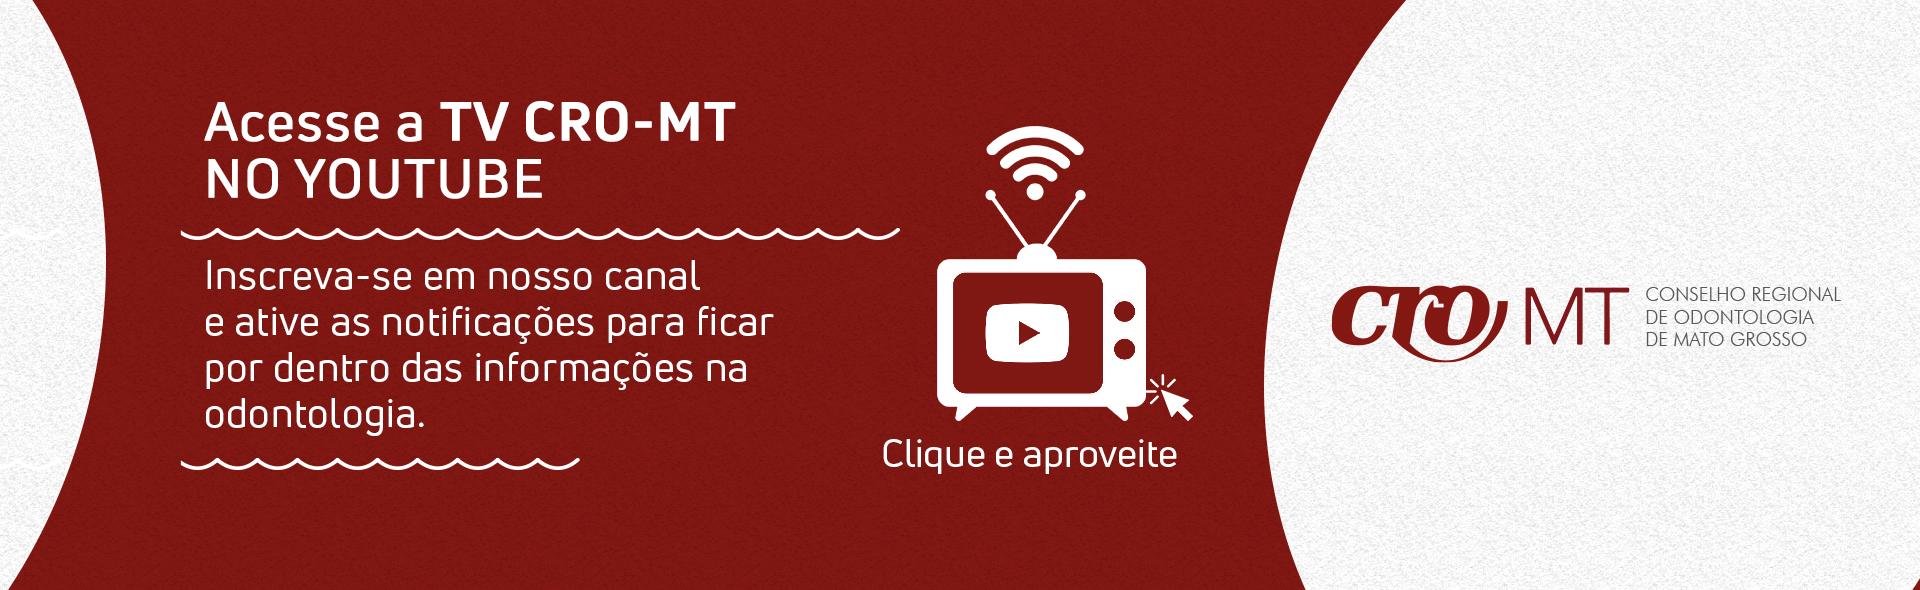 TV CRO-MT